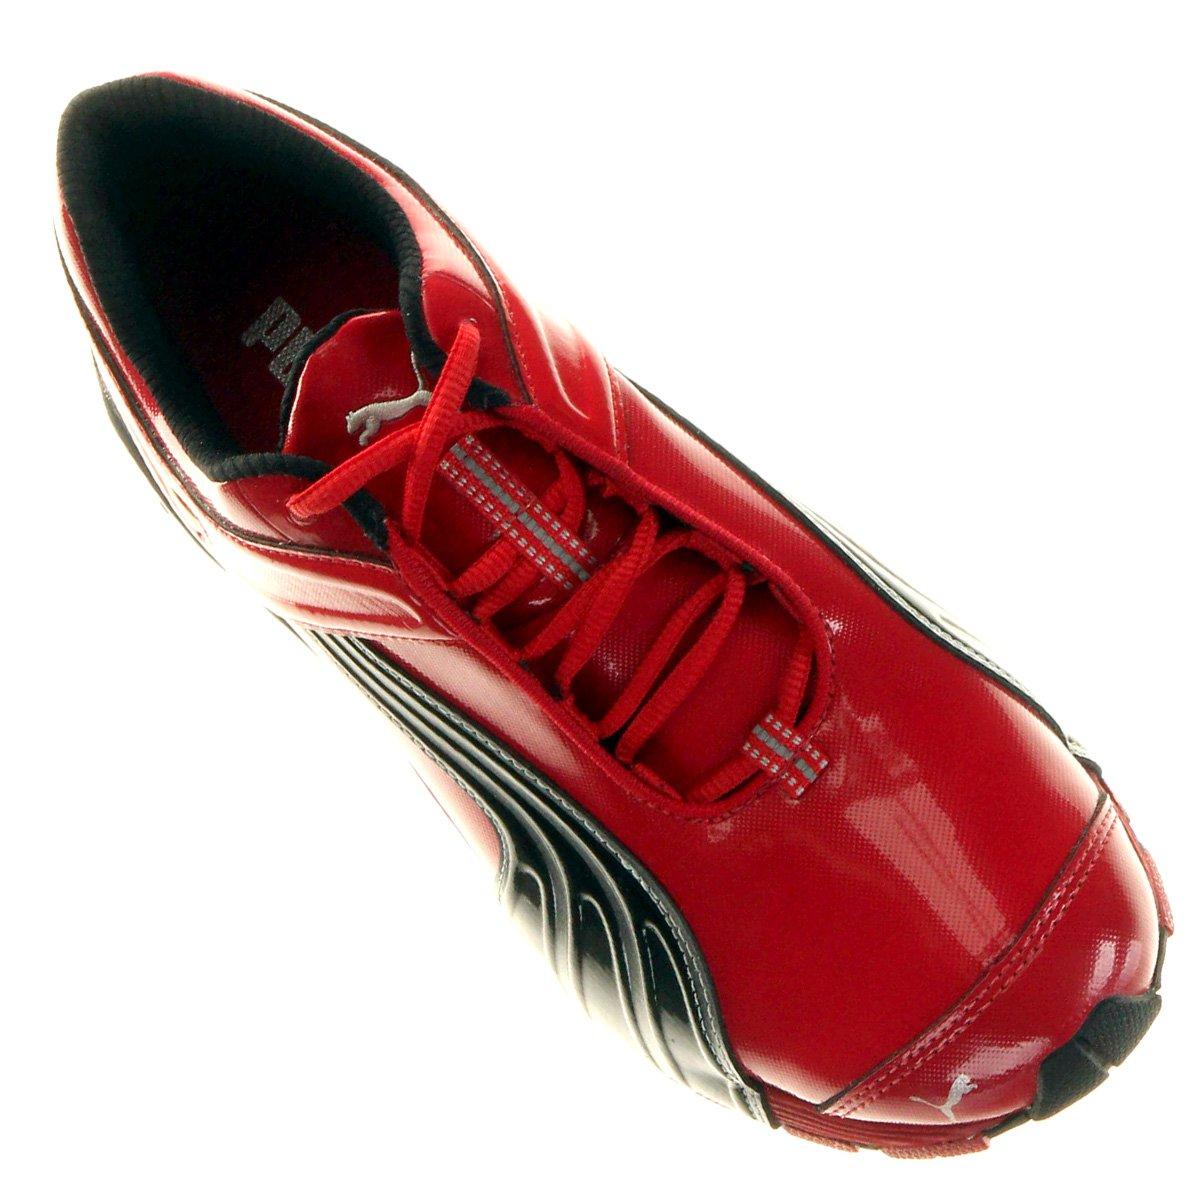 Tênis Puma Scuderia Ferrari Team Cell Deka Prime DP - Compre Agora ... 2bc1fd9907ad6